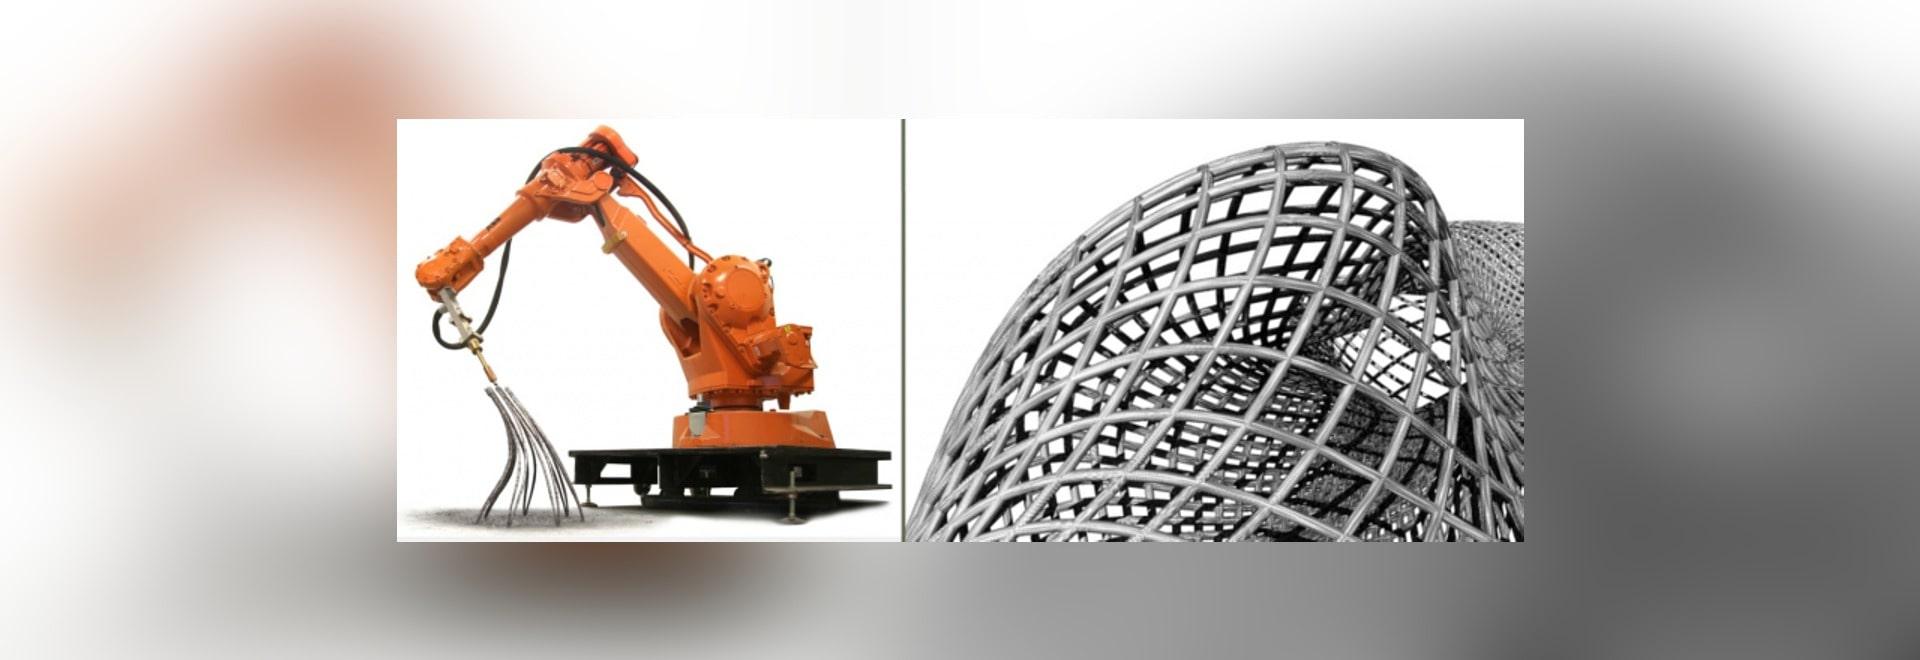 le BRAS ROBOTIQUE de l'IMPRESSION 3D CRÉE les STRUCTURES LIBRES EN MÉTAL